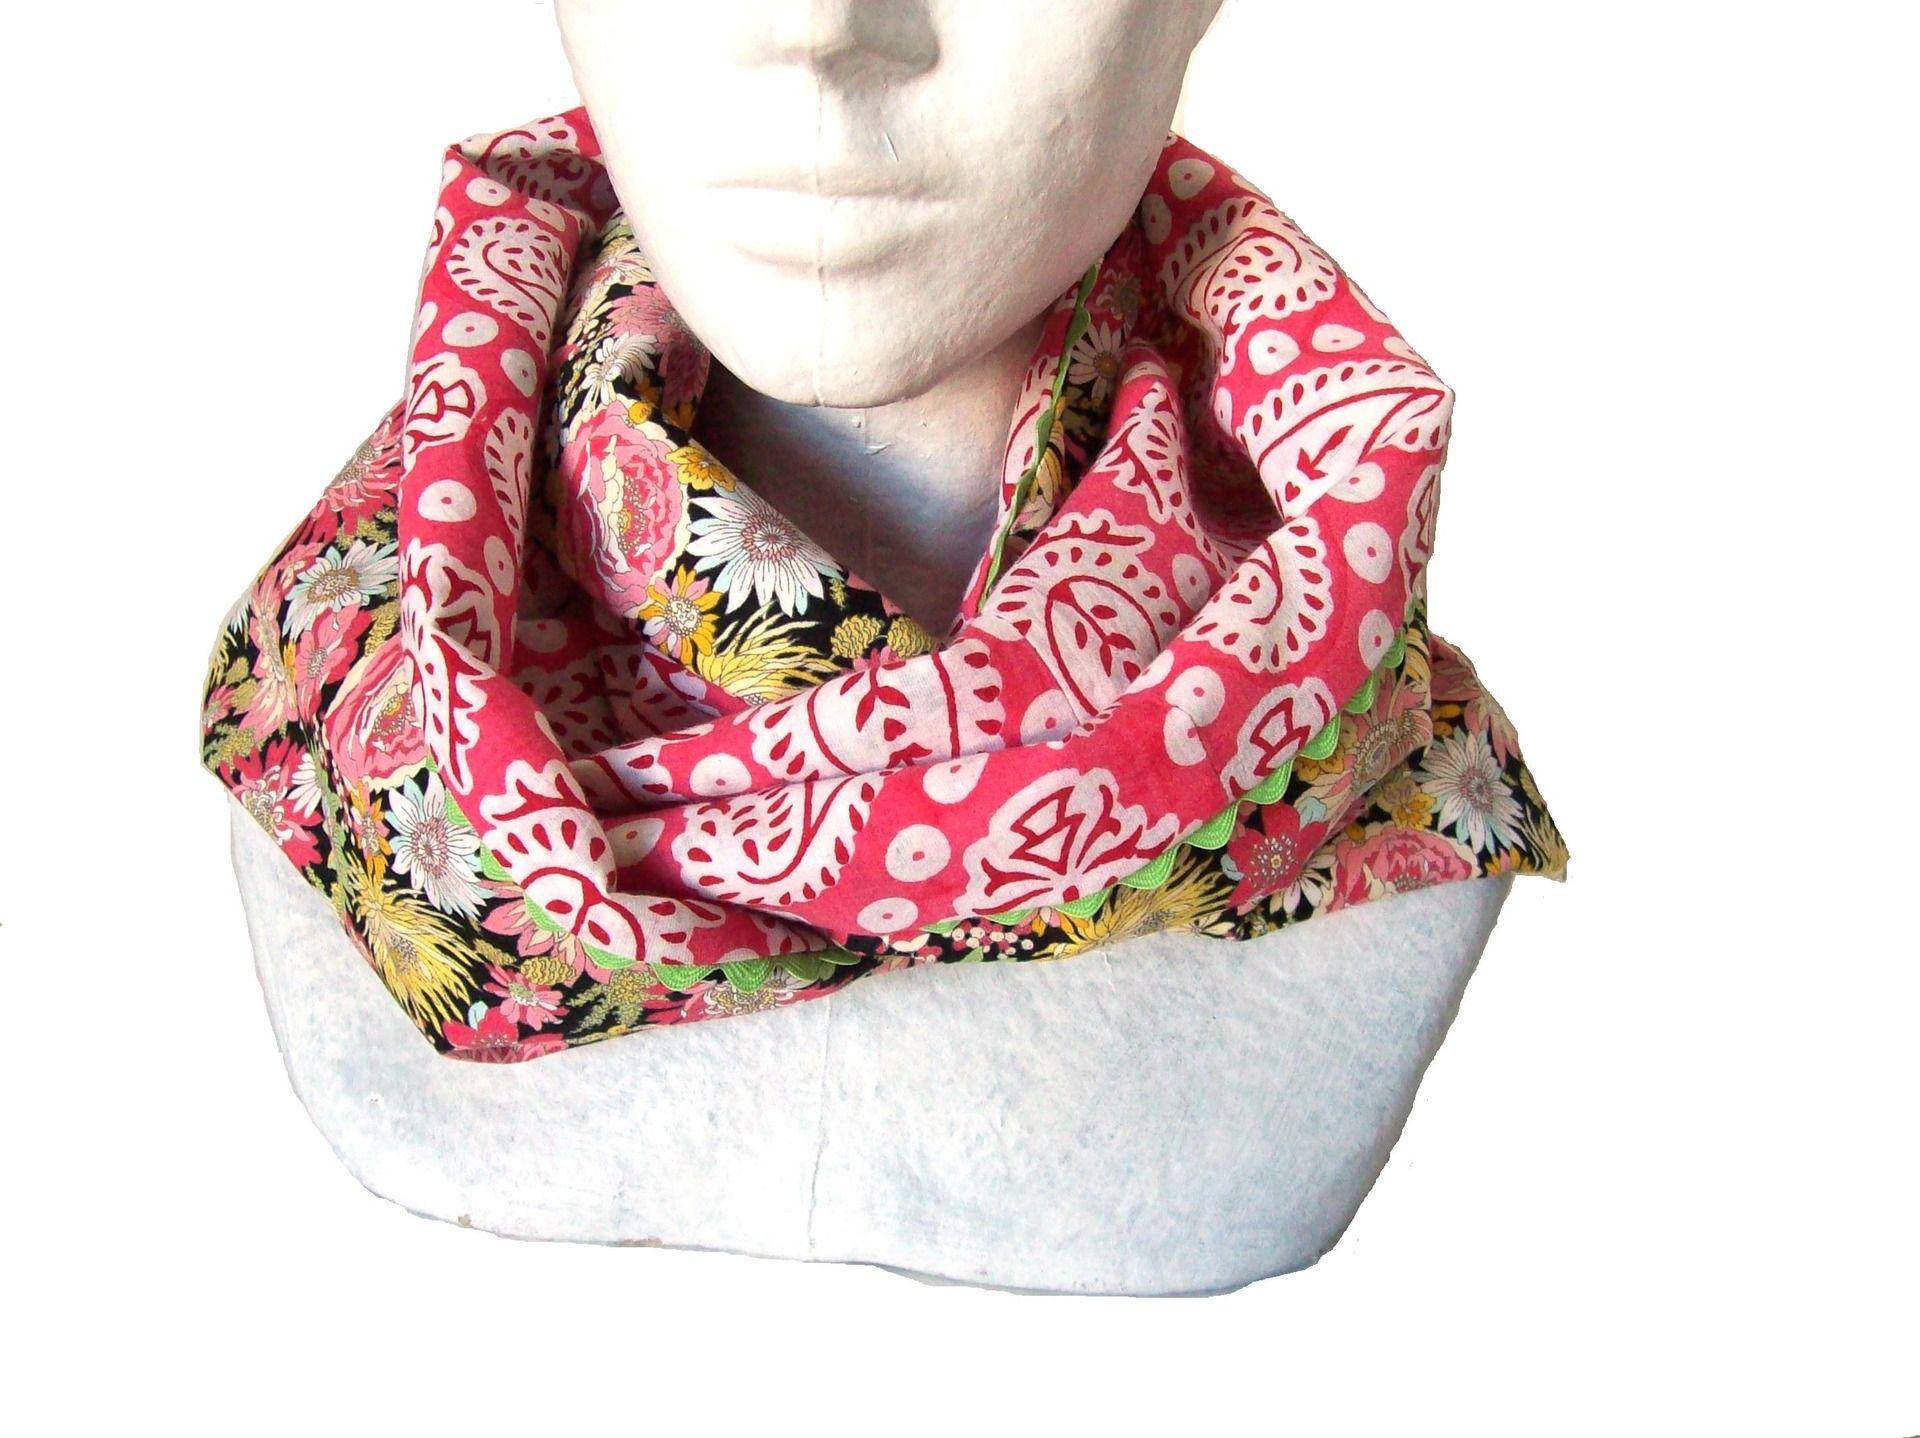 24385ff88b5d snood de printemps en coton fleuri multicolore sur fond noir et tissu  indien rose et blanc echarpe col femme   Echarpe, foulard, cravate par  tchai-walla